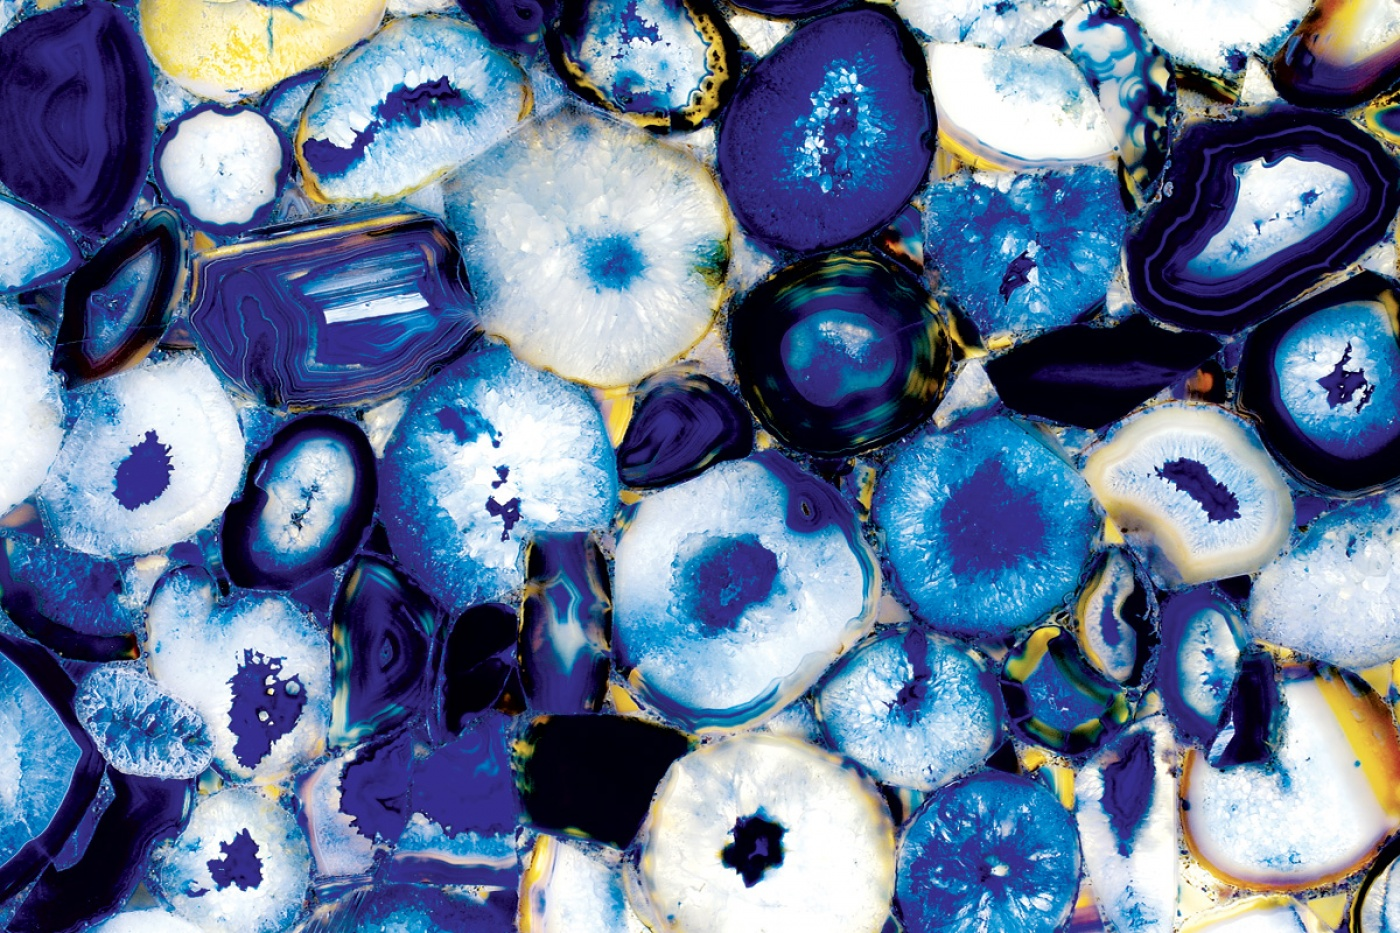 Blue Agate backlit